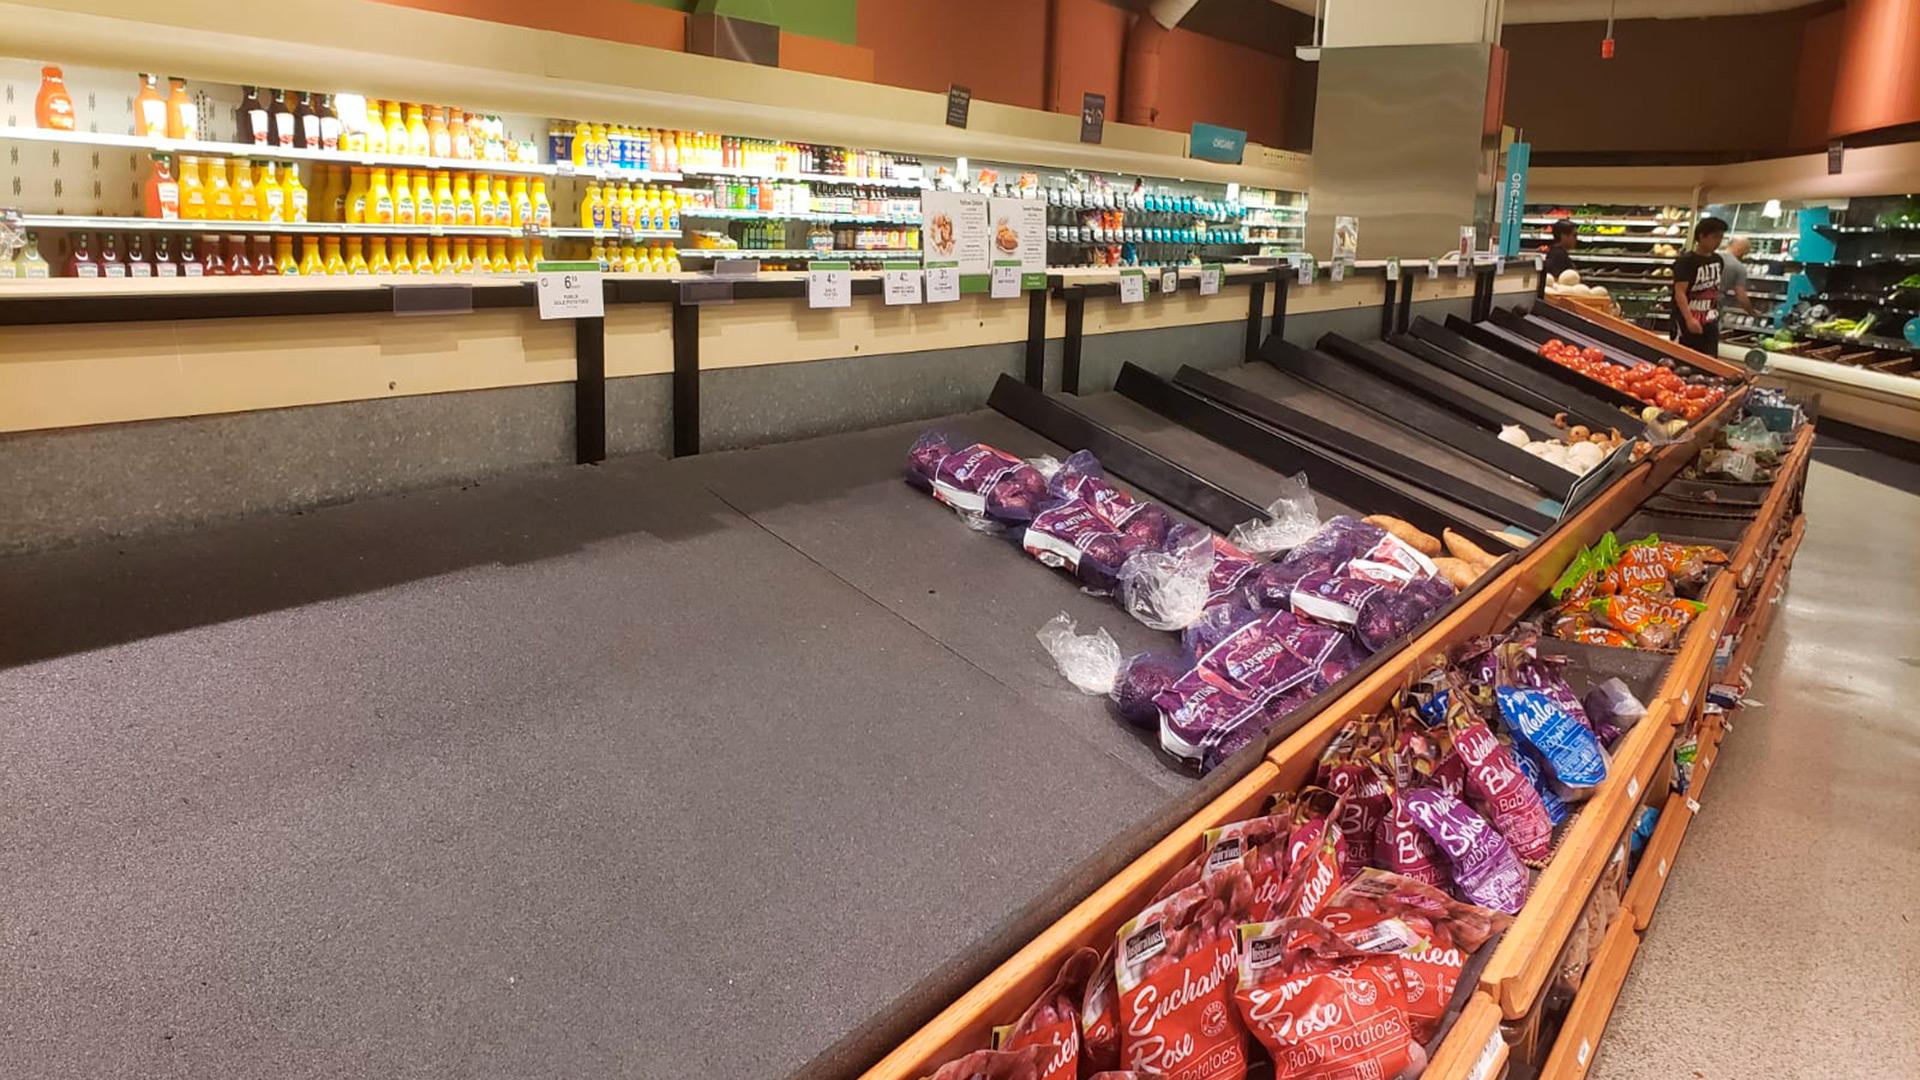 La gente salió masivamente a abastecerse de alimentos y productos para permanecer en sus hogares, por lo que en algunos mercados empiezan a escasear ciertas cosas. (Foto: Infobae)